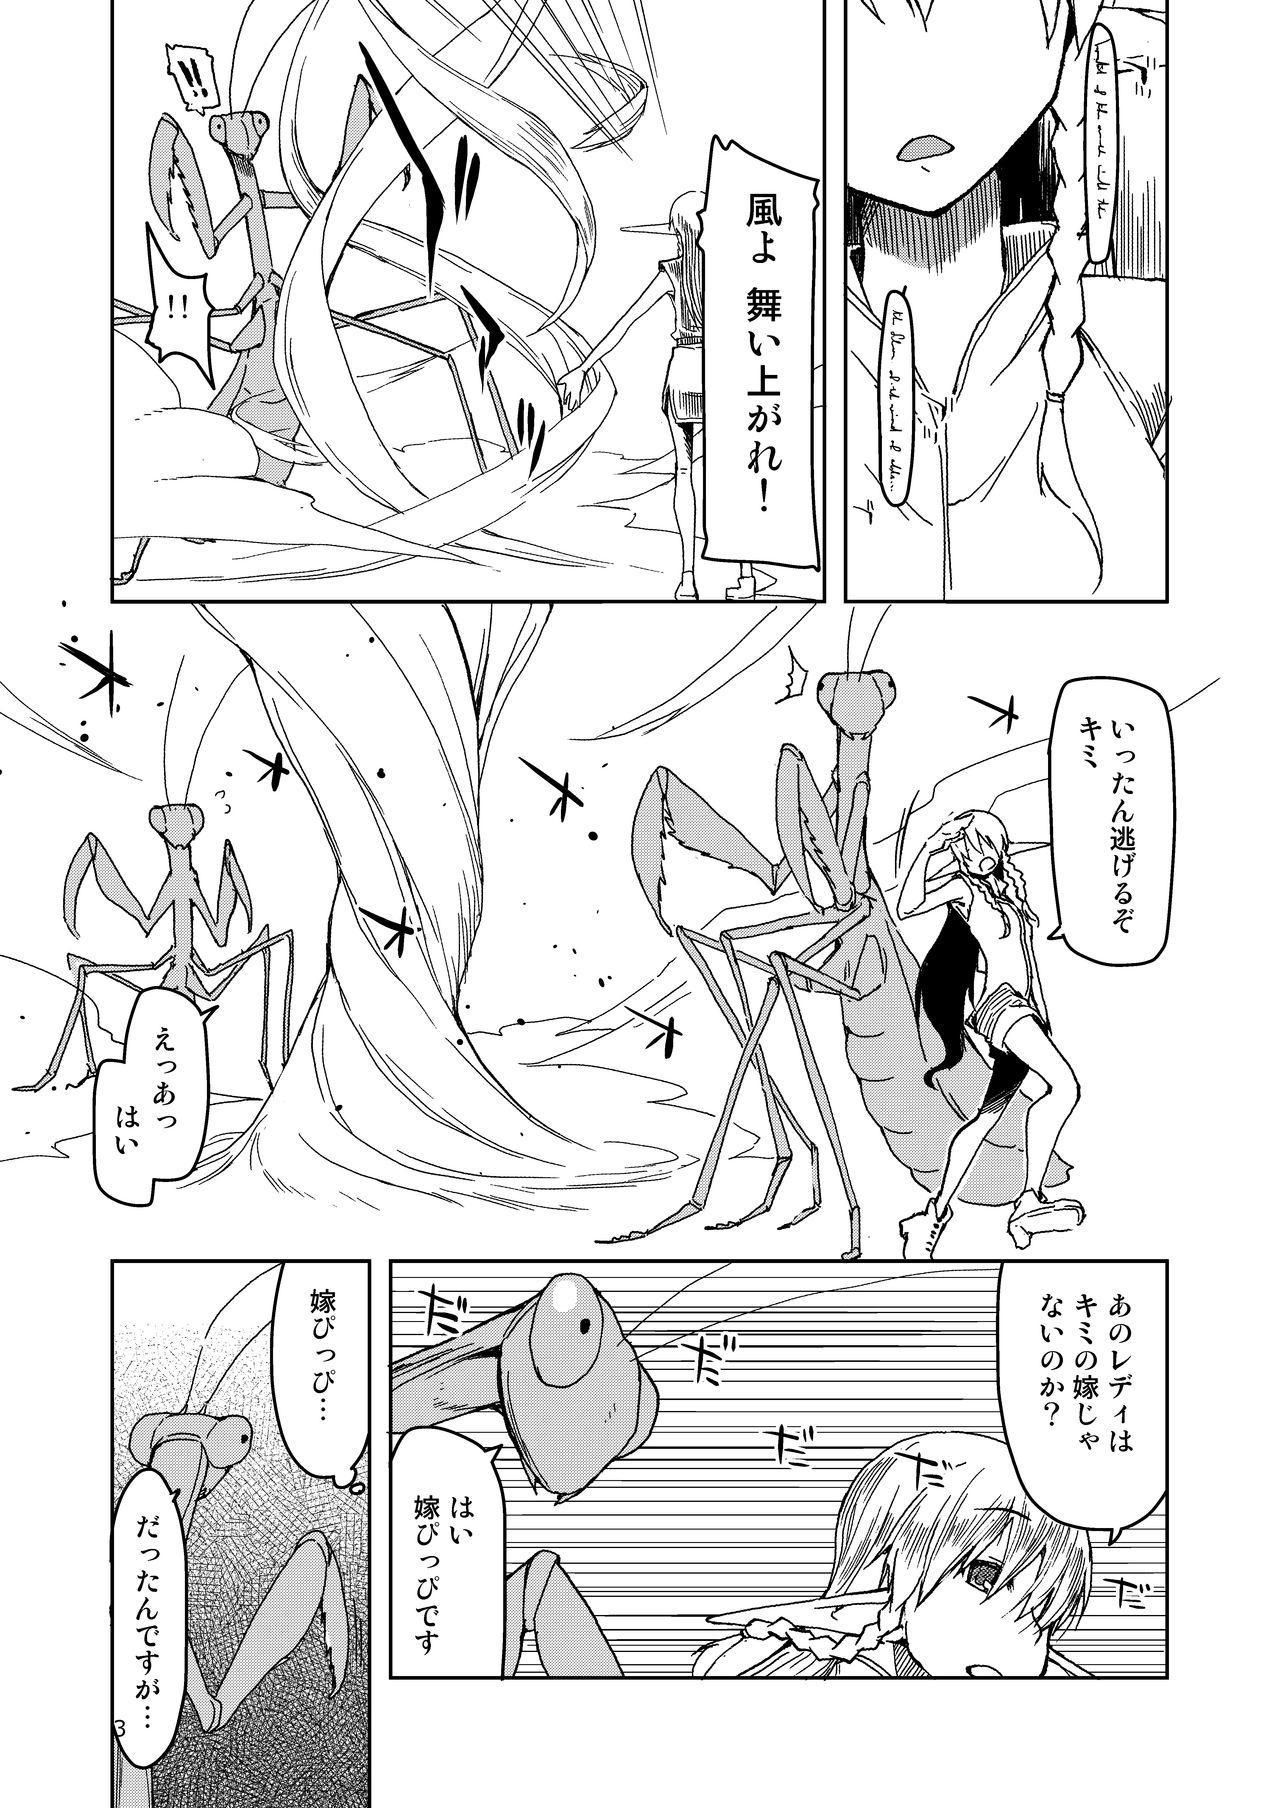 Dosukebe Elf no Ishukan Nikki Matome 2 3